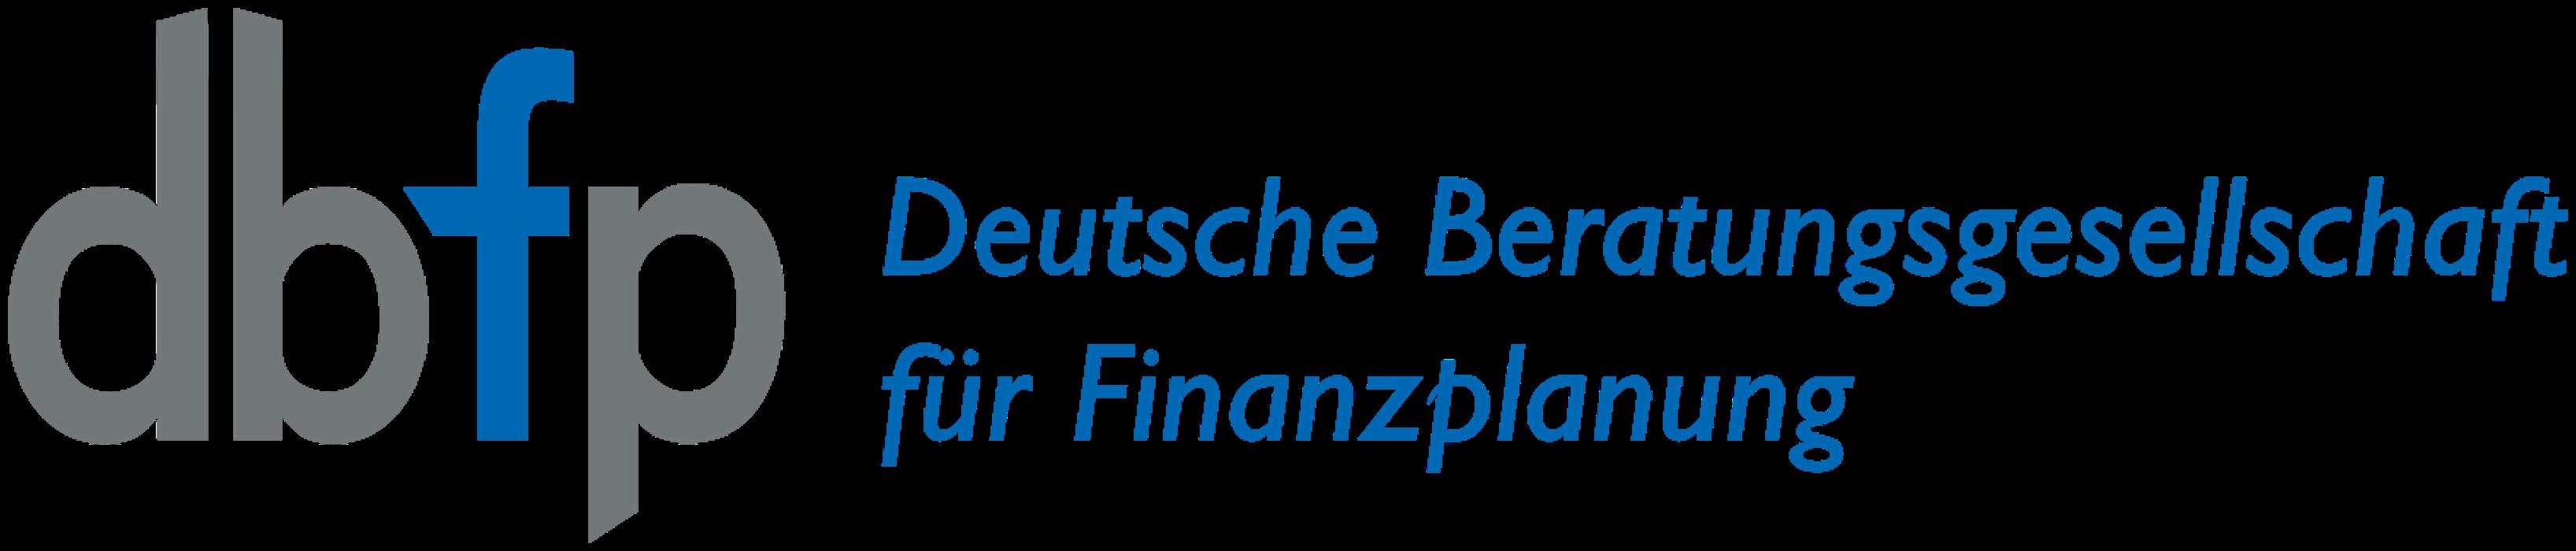 Bild zu dbfp - Deutsche Beratungsgesellschaft für Finanzplanung GmbH in Stuttgart